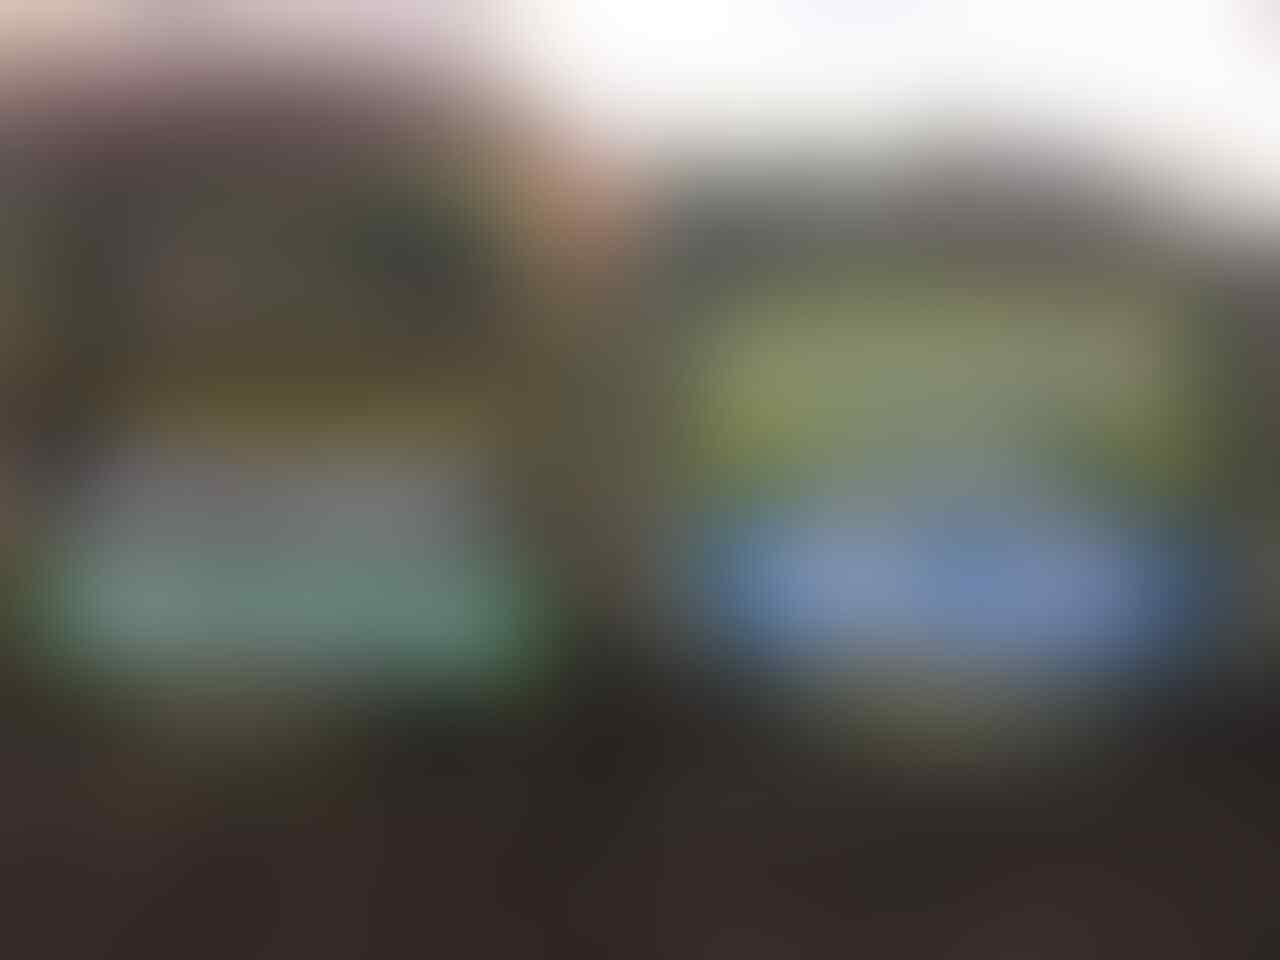 Mako Brimob Masih Dijaga Ketat, Karangan Bunga Mulai Berdatangan